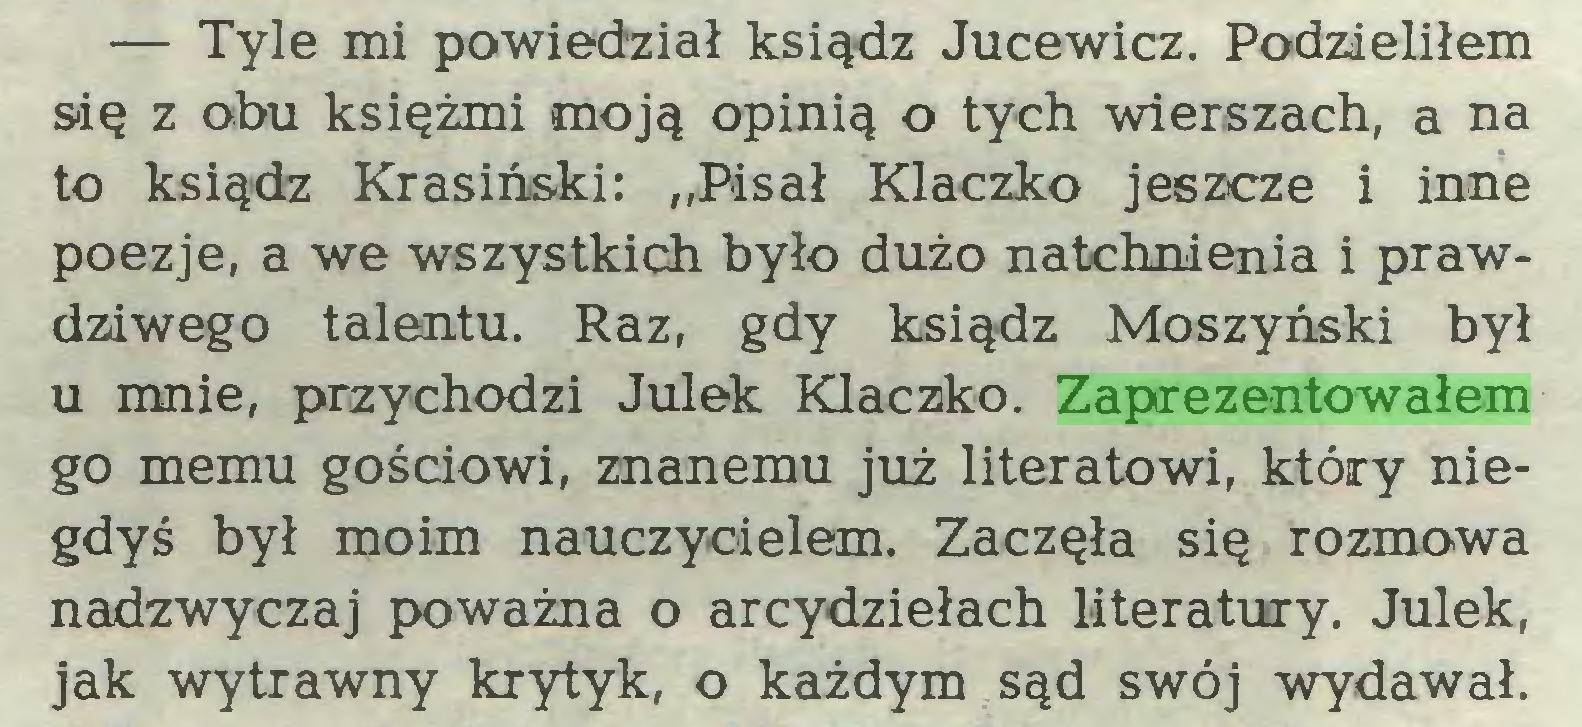 """(...) — Tyle mi powiedział ksiądz Jucewicz. Podzieliłem się z obu księżmi moją opinią o tych wierszach, a na to ksiądz Krasiński: """"Pisał Klaczko jeszcze i inne poezje, a we wszystkich było dużo natchnienia i prawdziwego talentu. Raz, gdy ksiądz Moszyński był u mnie, przychodzi Julek Klaczko. Zaprezentowałem go memu gościowi, znanemu już literatowi, który niegdyś był moim nauczycielem. Zaczęła się rozmowa nadzwyczaj poważna o arcydziełach literatury. Julek, jak wytrawny krytyk, o każdym sąd swój wydawał..."""